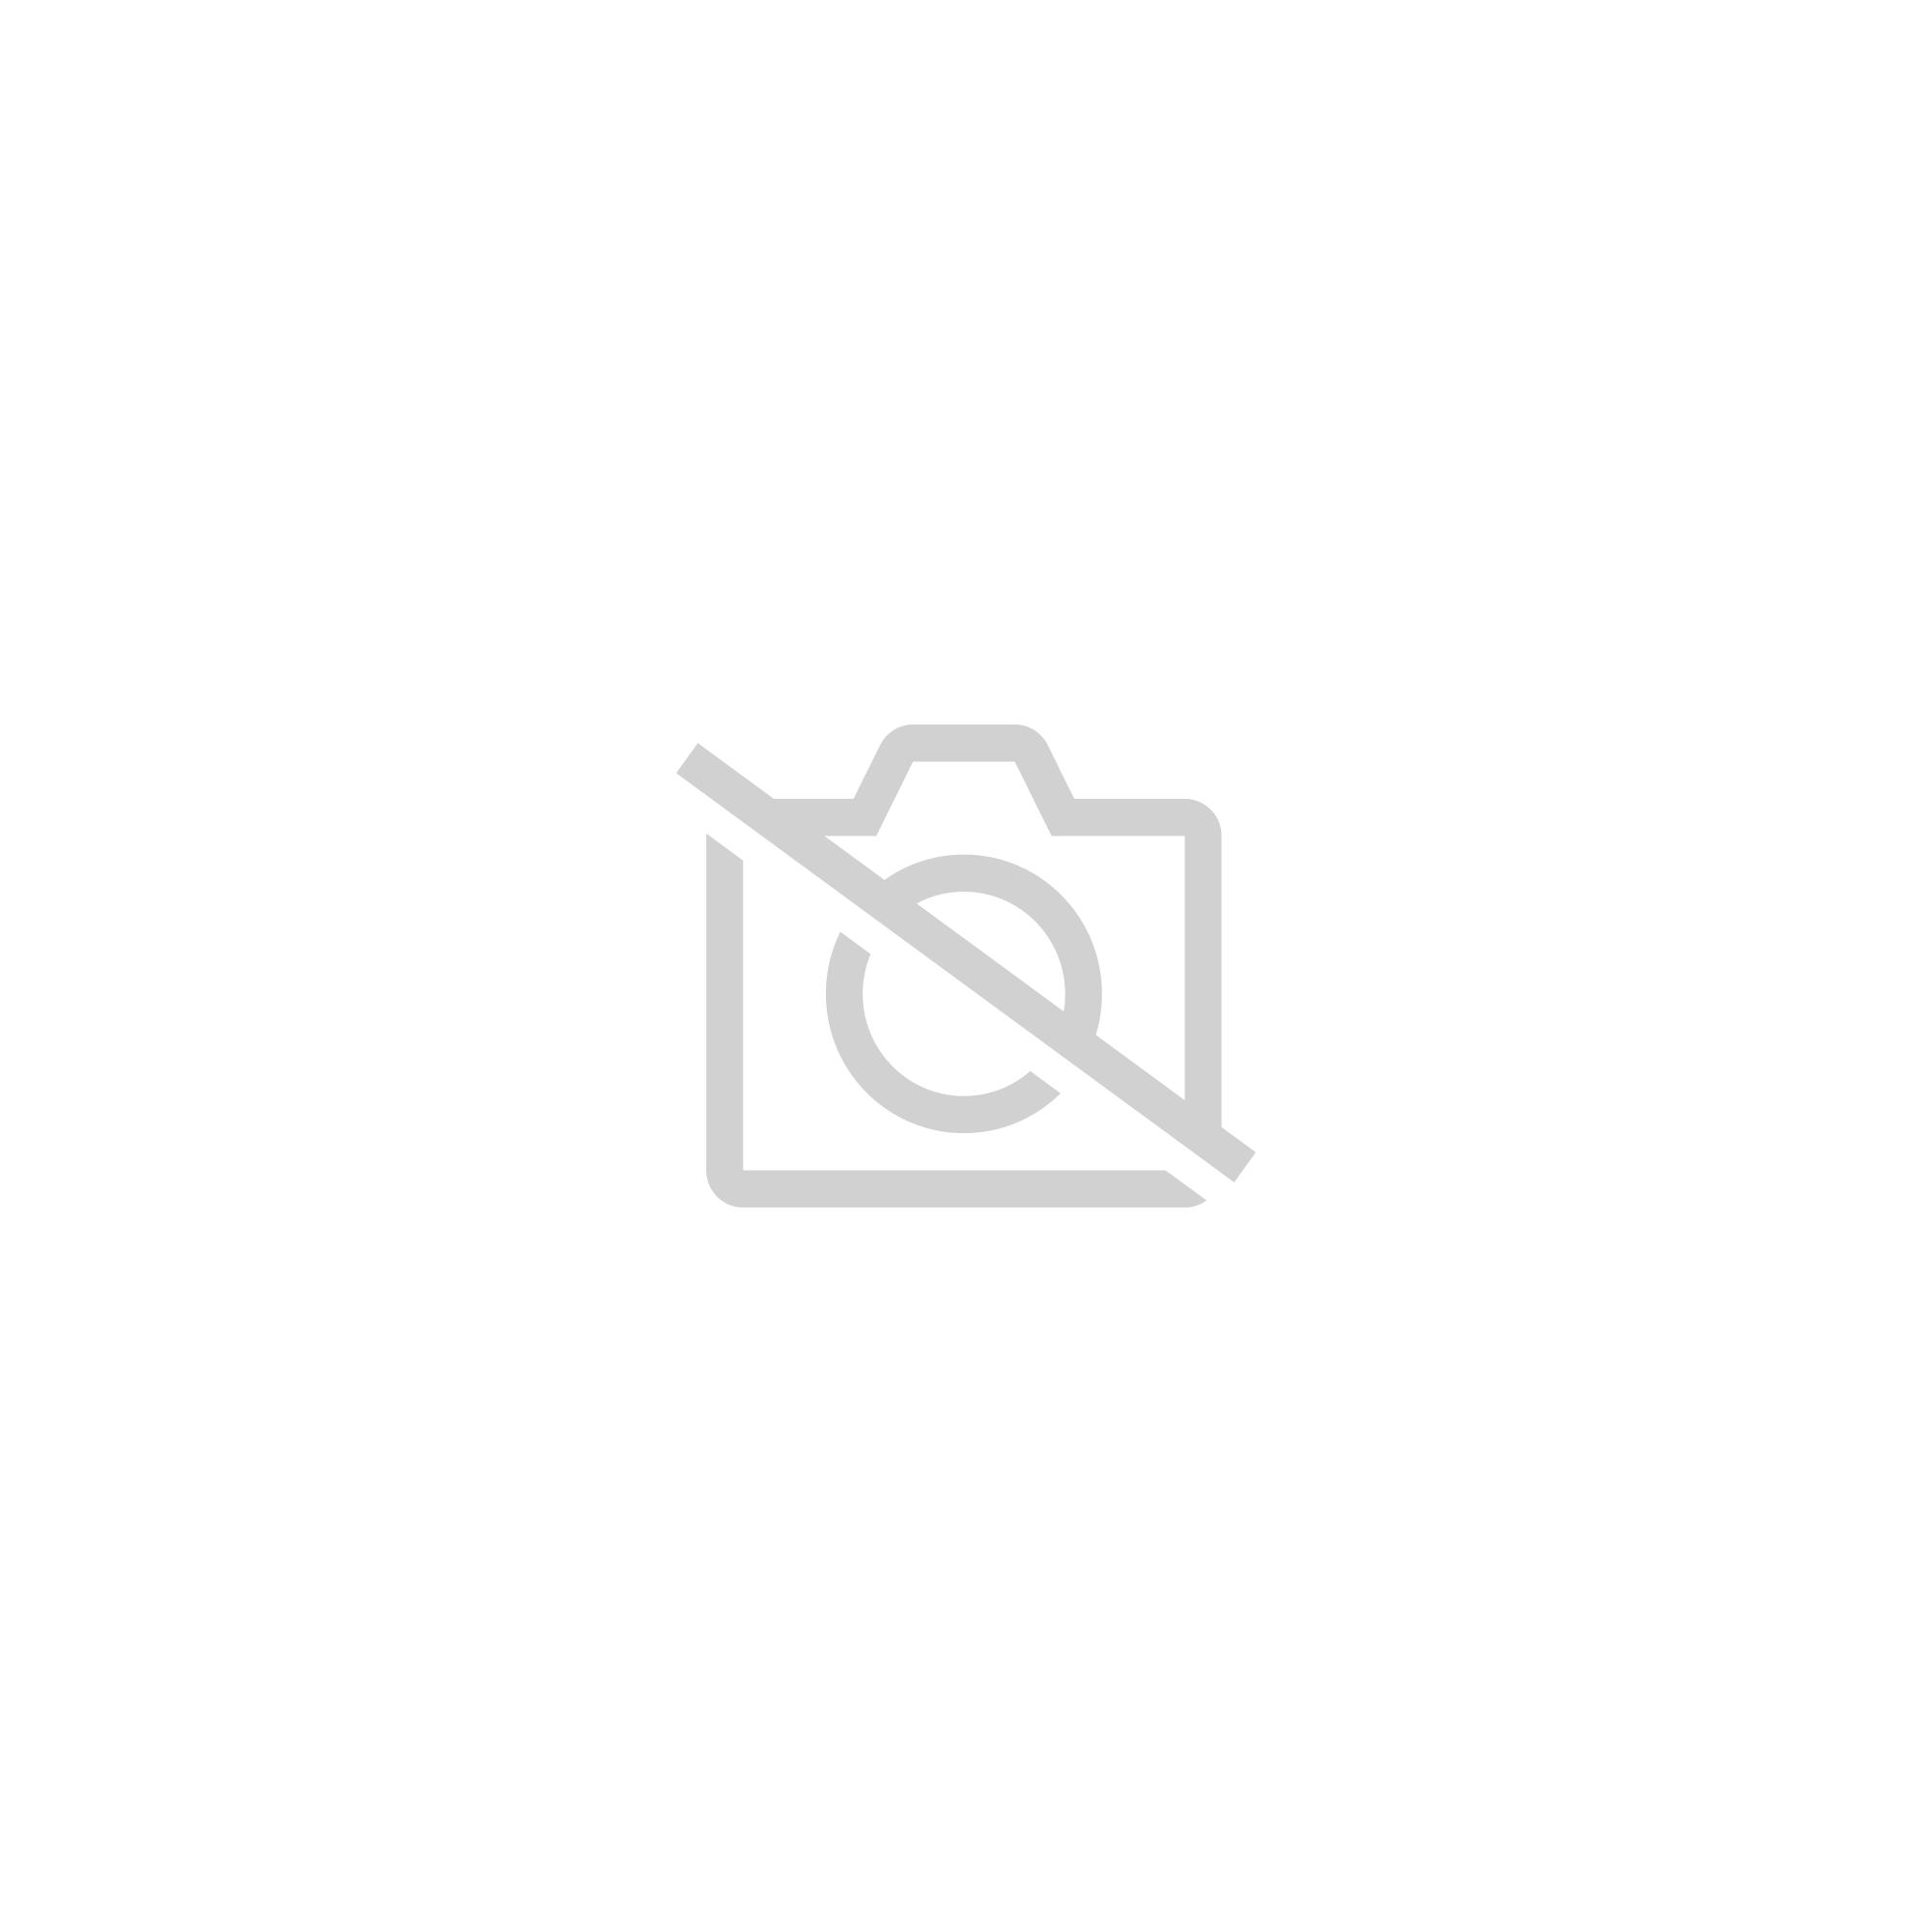 Microsoft Works - (Version 9.0 ) - Ensemble Complet - 1 Pc - Cd - Win - Français - Non Destiné Au Canada